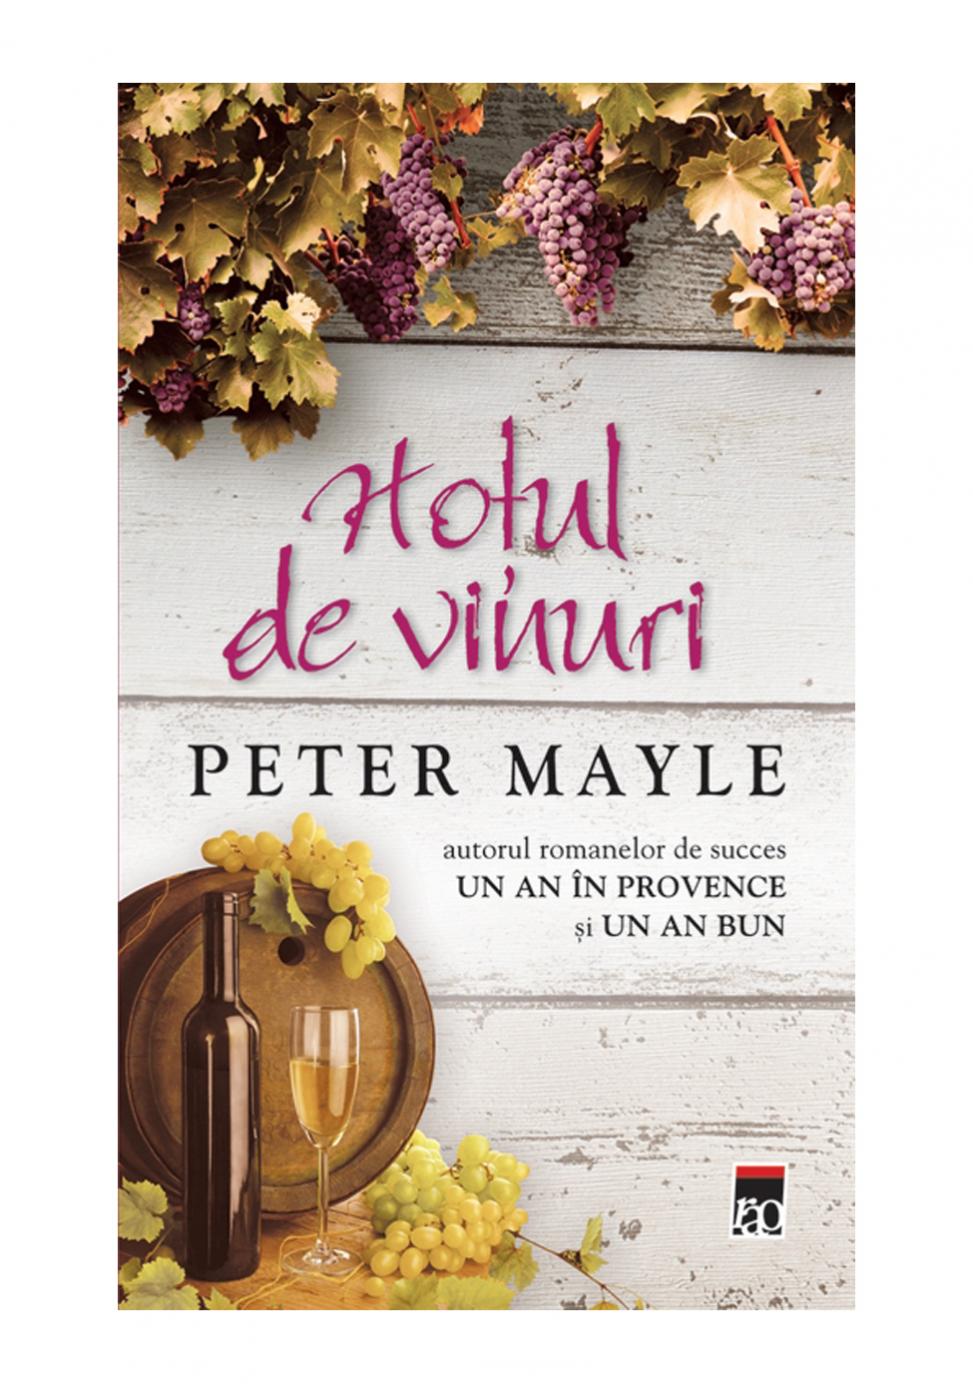 Hotul de vinuri, Peter Mayle - Editura Rao